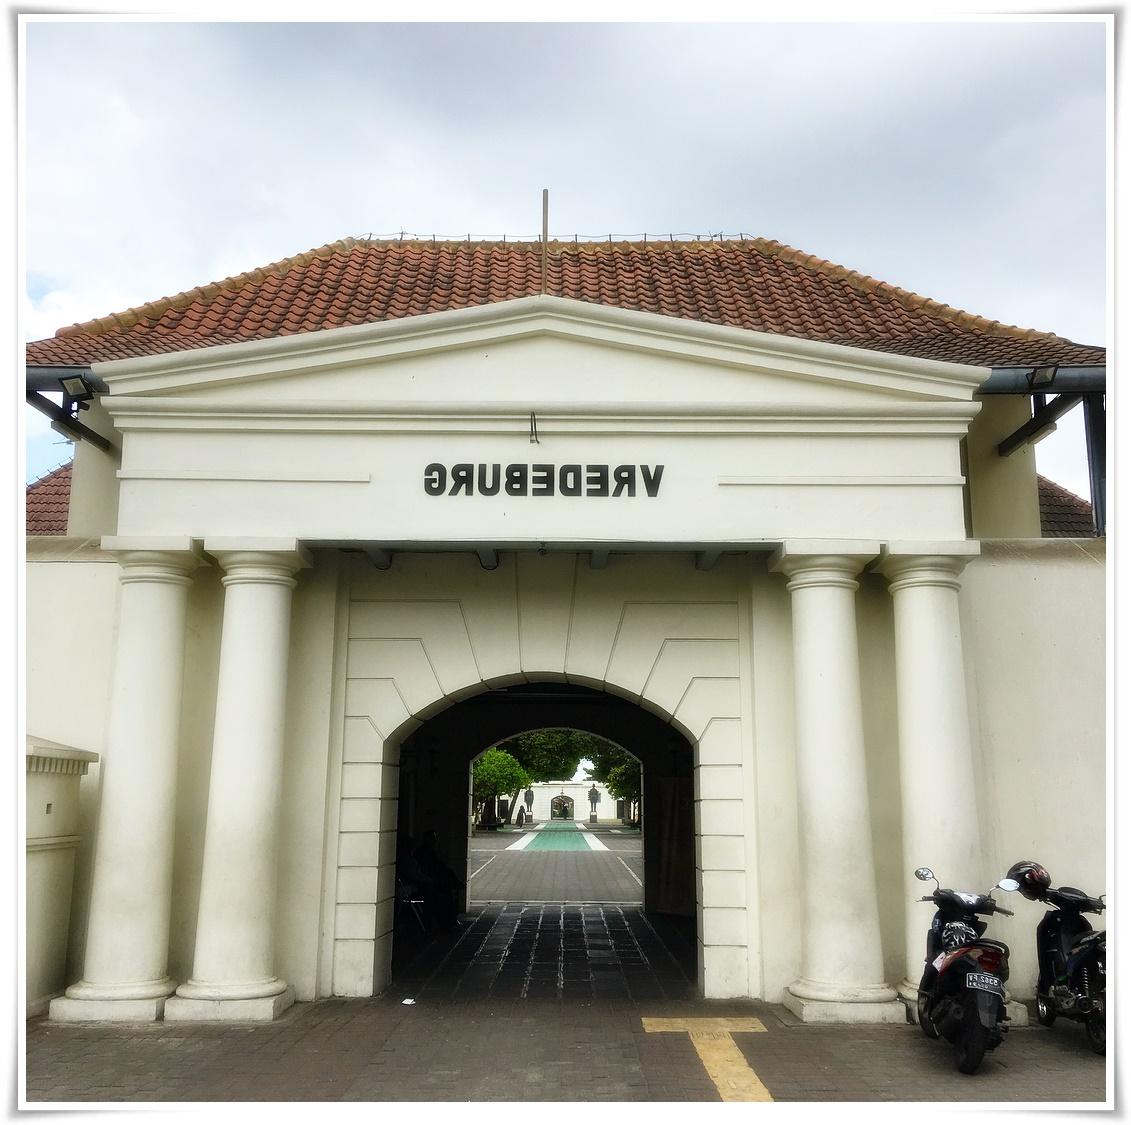 Gambar Wisata Pelajar Museum Benteng Vredeburg Yogyakarta